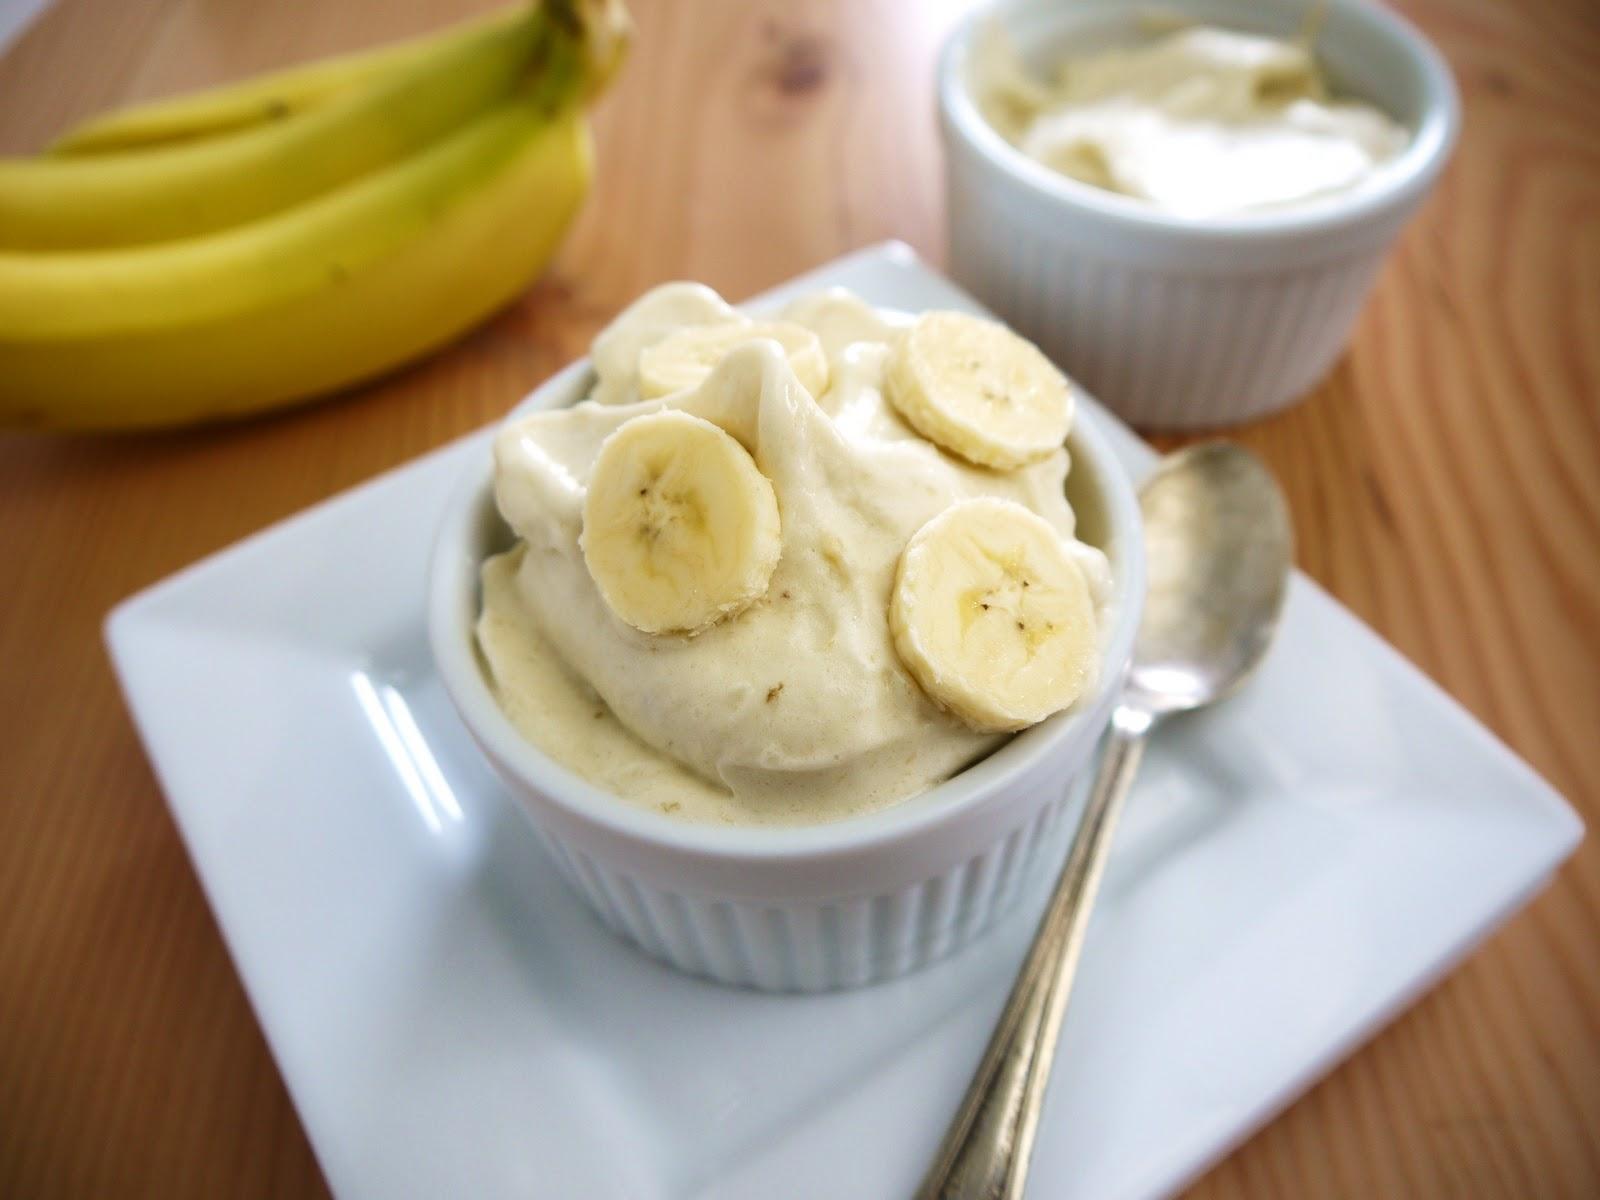 Бананы с мороженым рецепт в домашних условиях